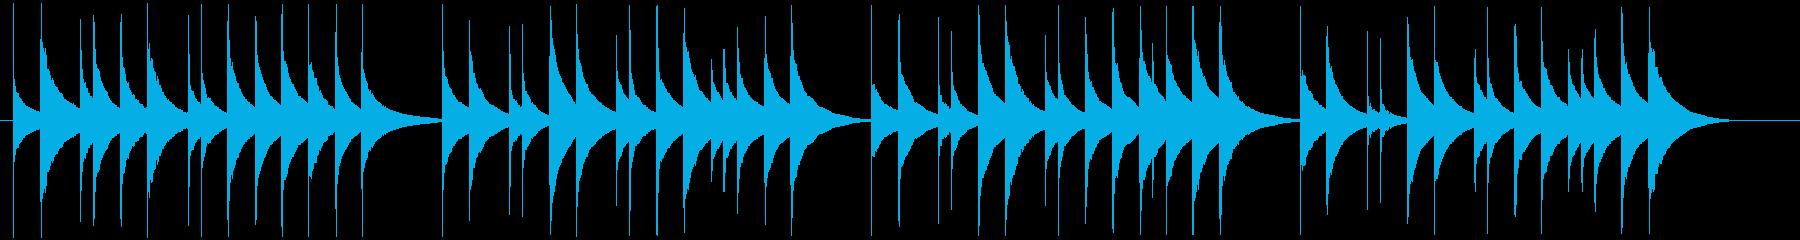 蛍の光のオルゴールの再生済みの波形